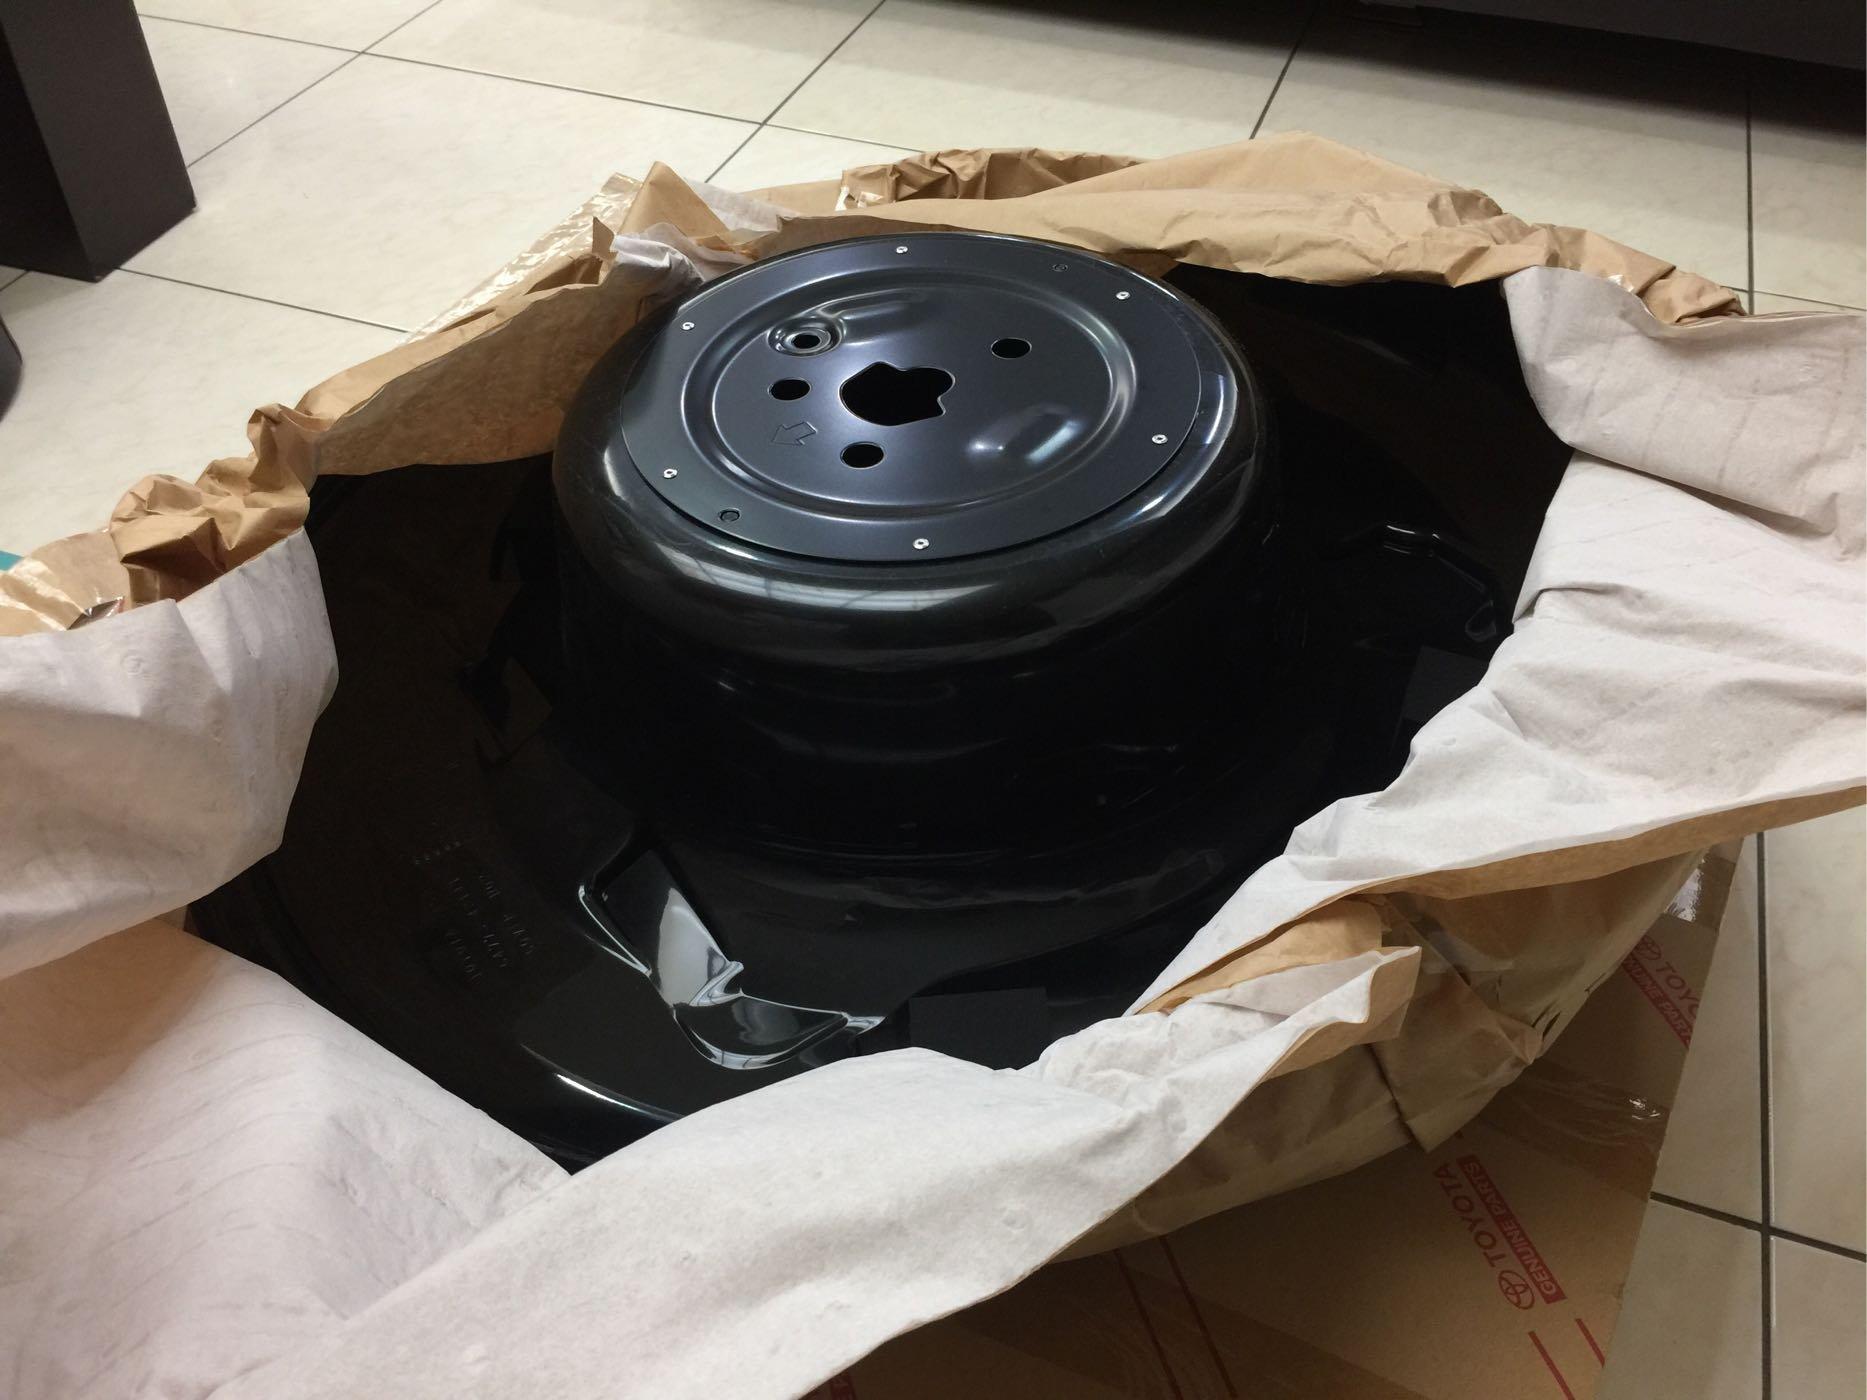 Rav4 2008~2012 原廠備胎室内蓋板 備胎內蓋板 (和泰Toyota原廠全新品)